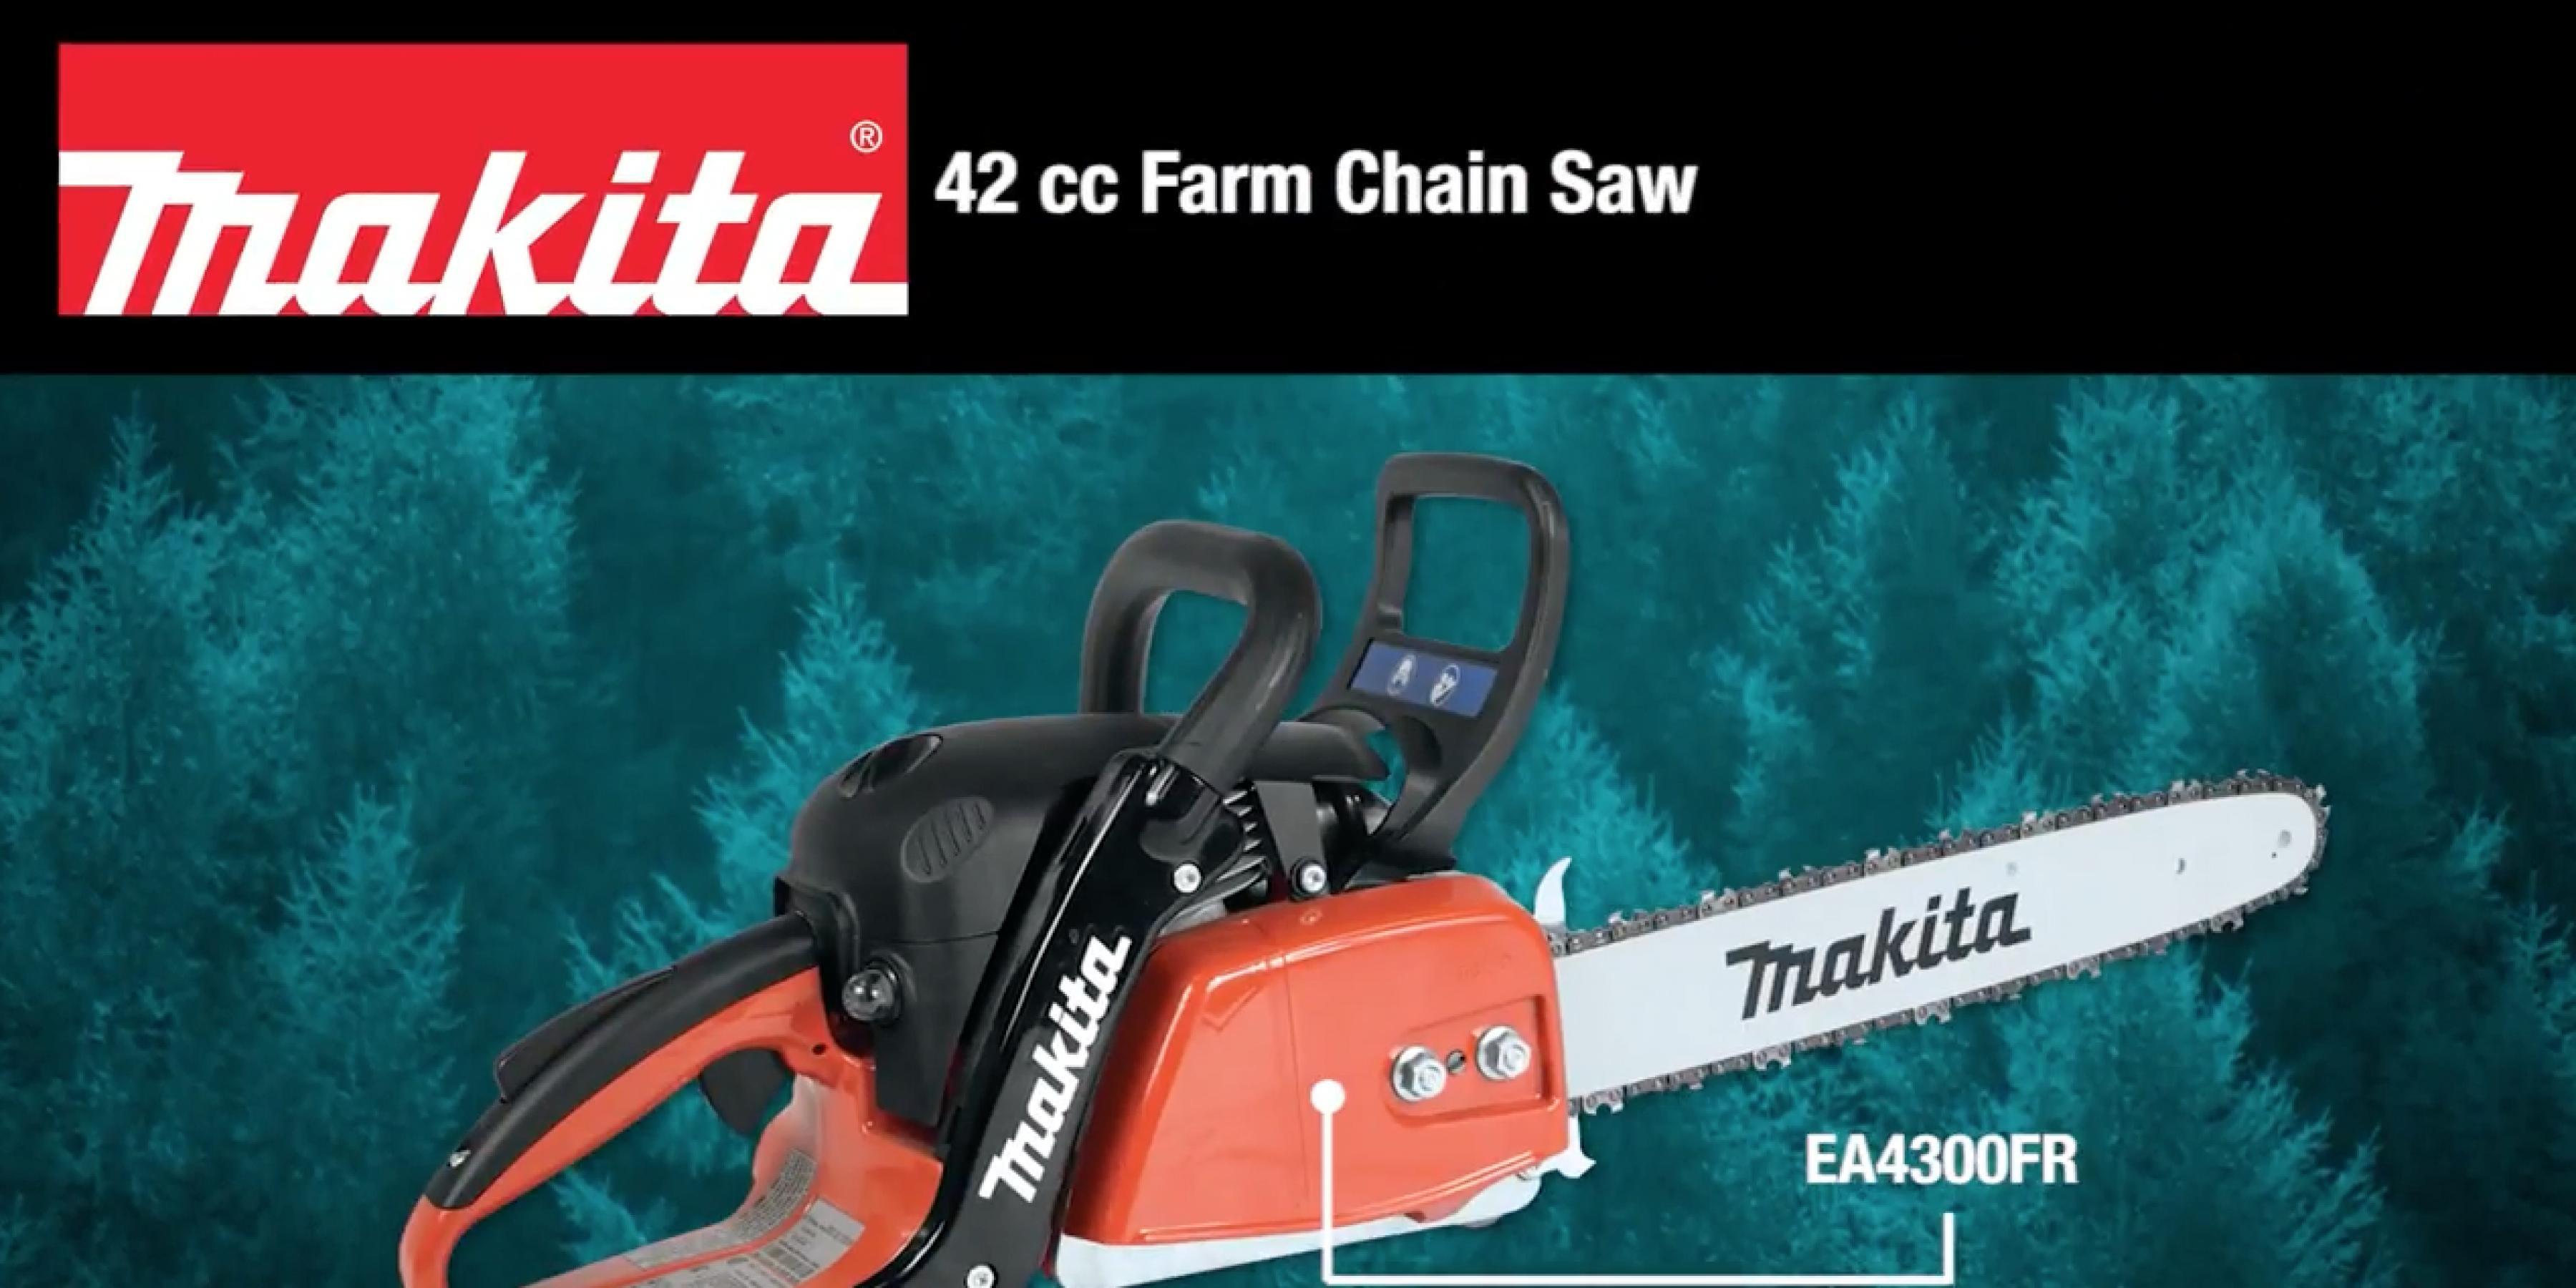 MAKITA 42 cc Farm Chain Saw (EA4300FR)